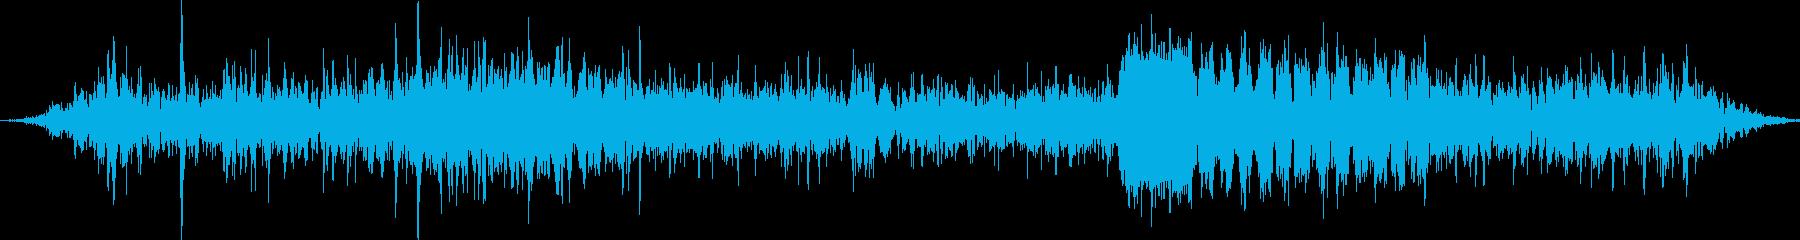 遠くの山の探索通信干渉の再生済みの波形